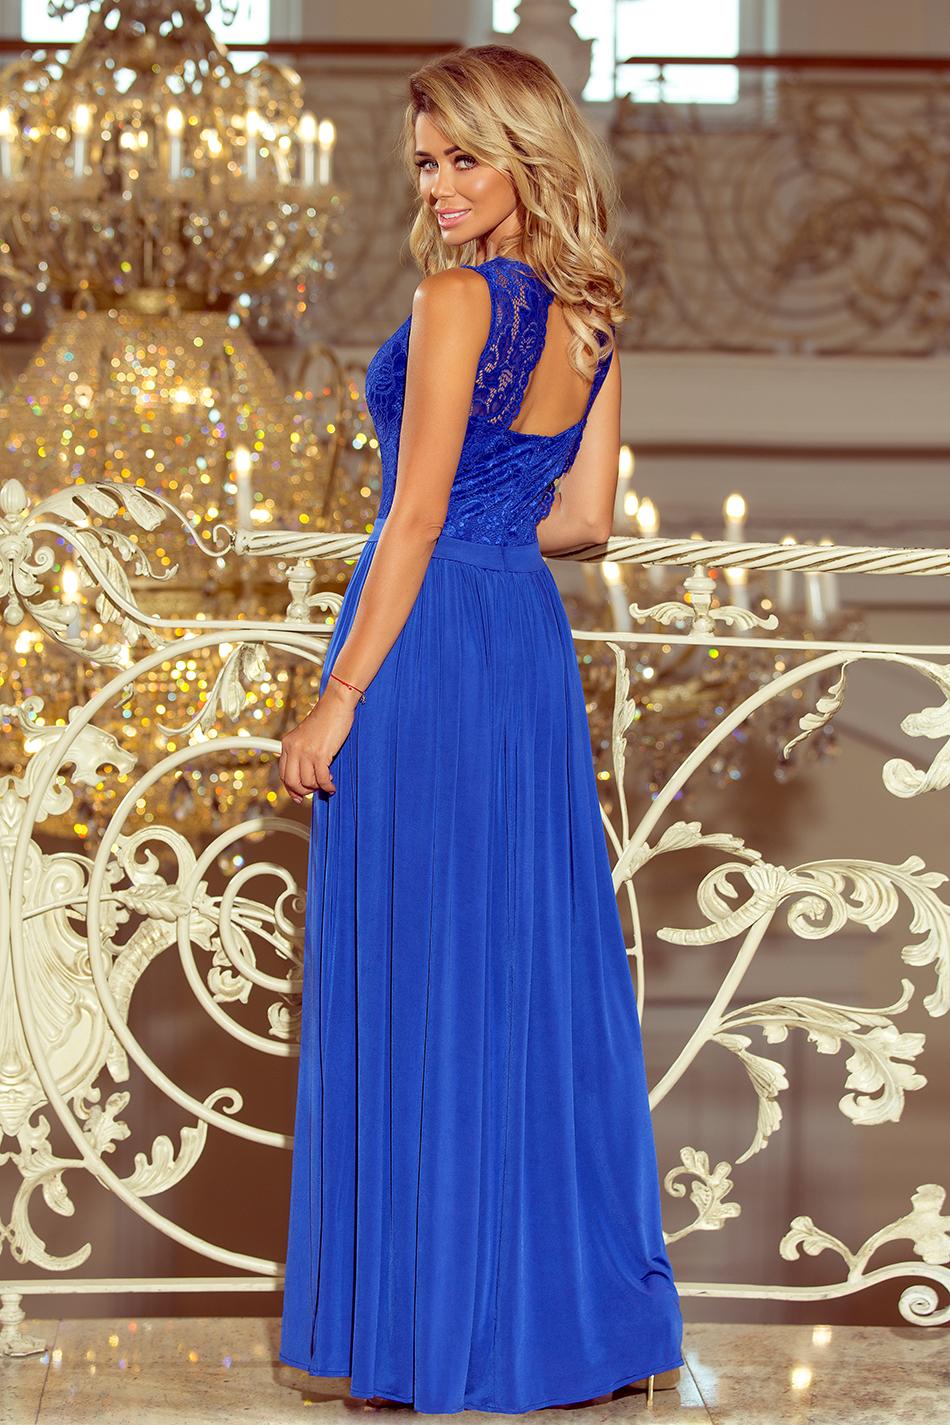 f48a0475c99 211-3 LEA długa suknia bez rękawków z koronkowym dekoltem - chaber ...